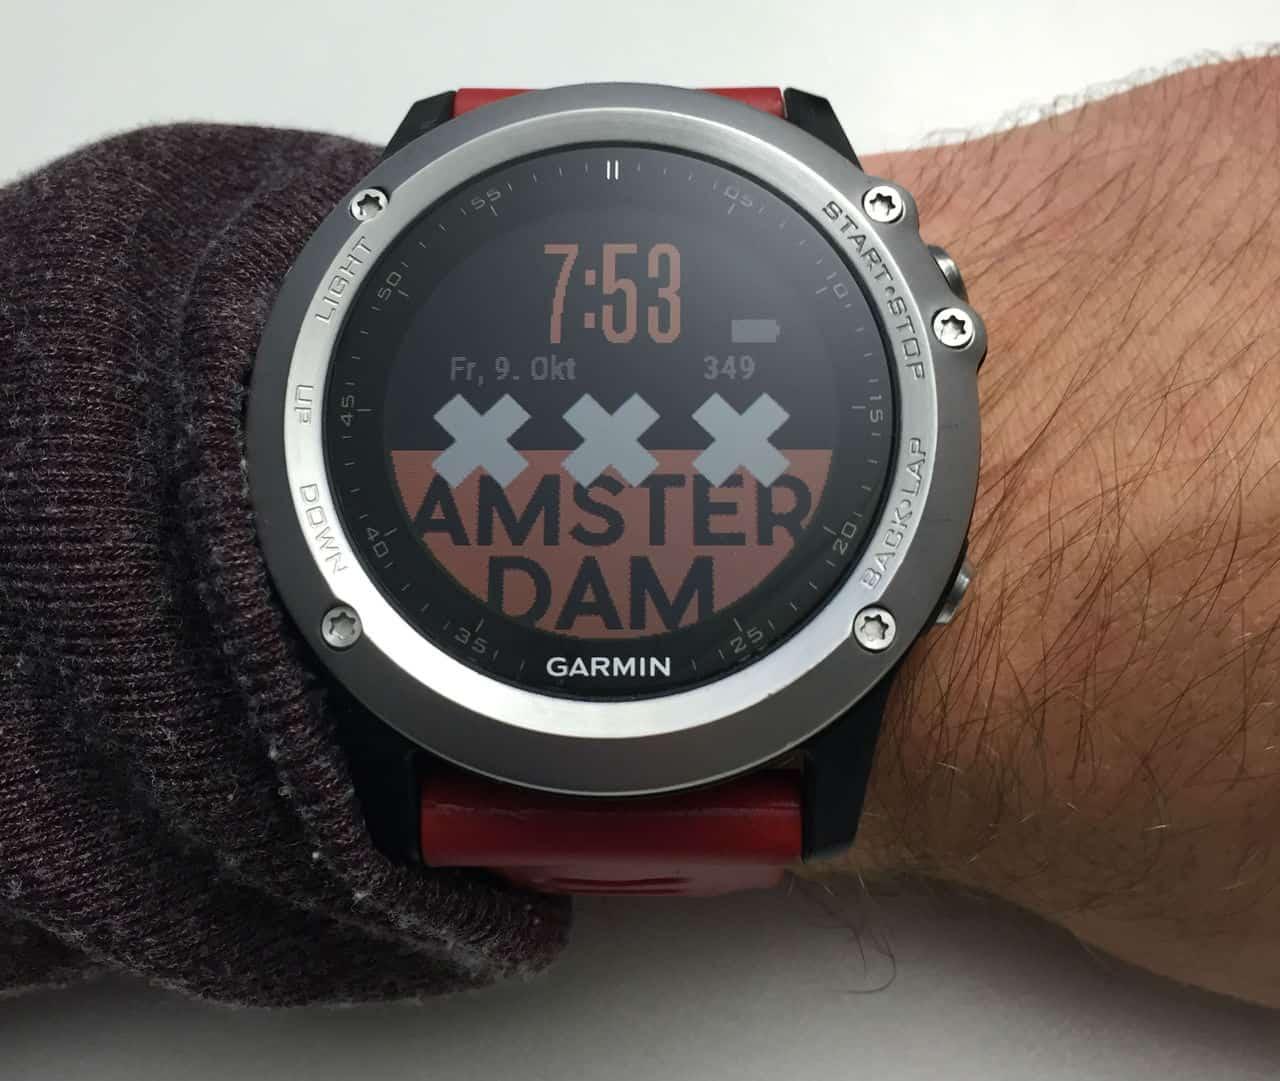 Unser erstes Fenix3 Watchface: Amsterdam